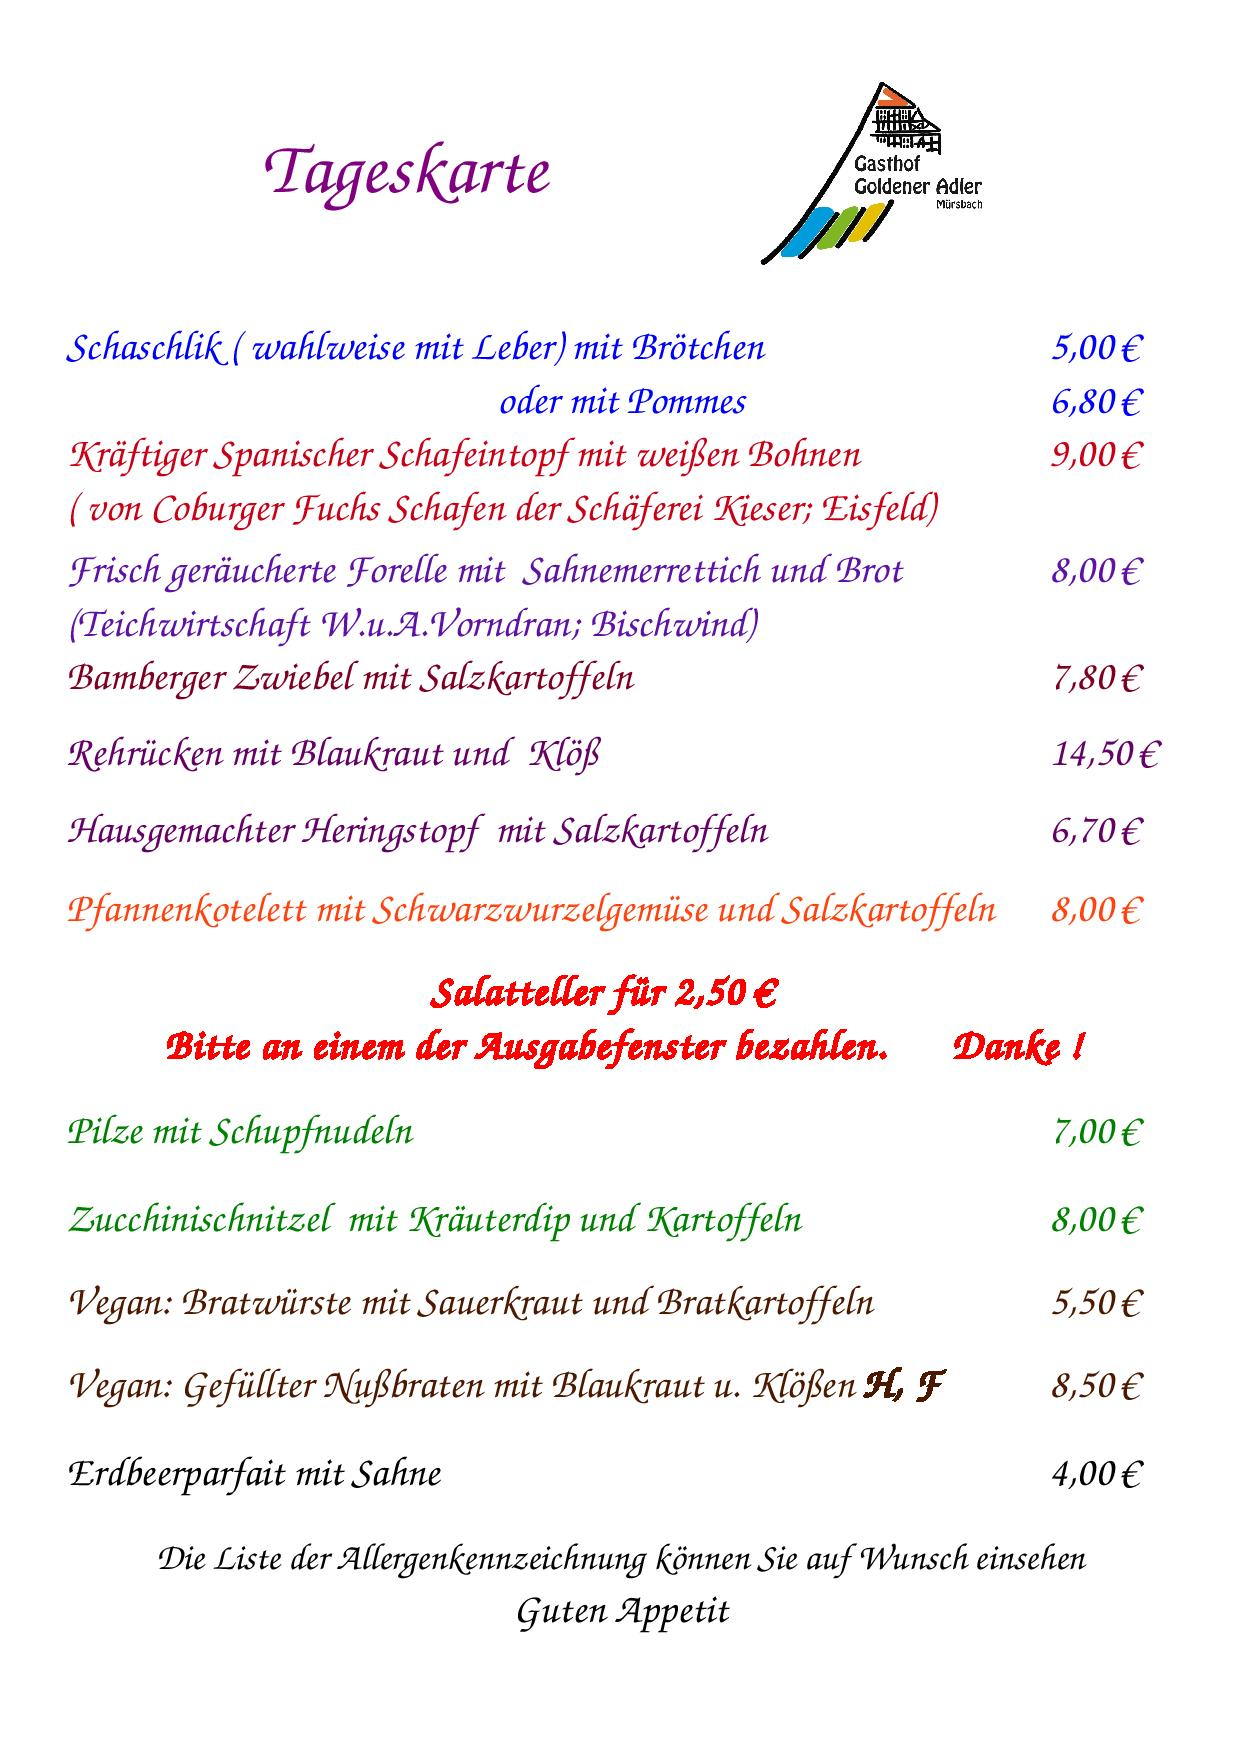 Speisekarte vom Donnerstag 10.08.2017